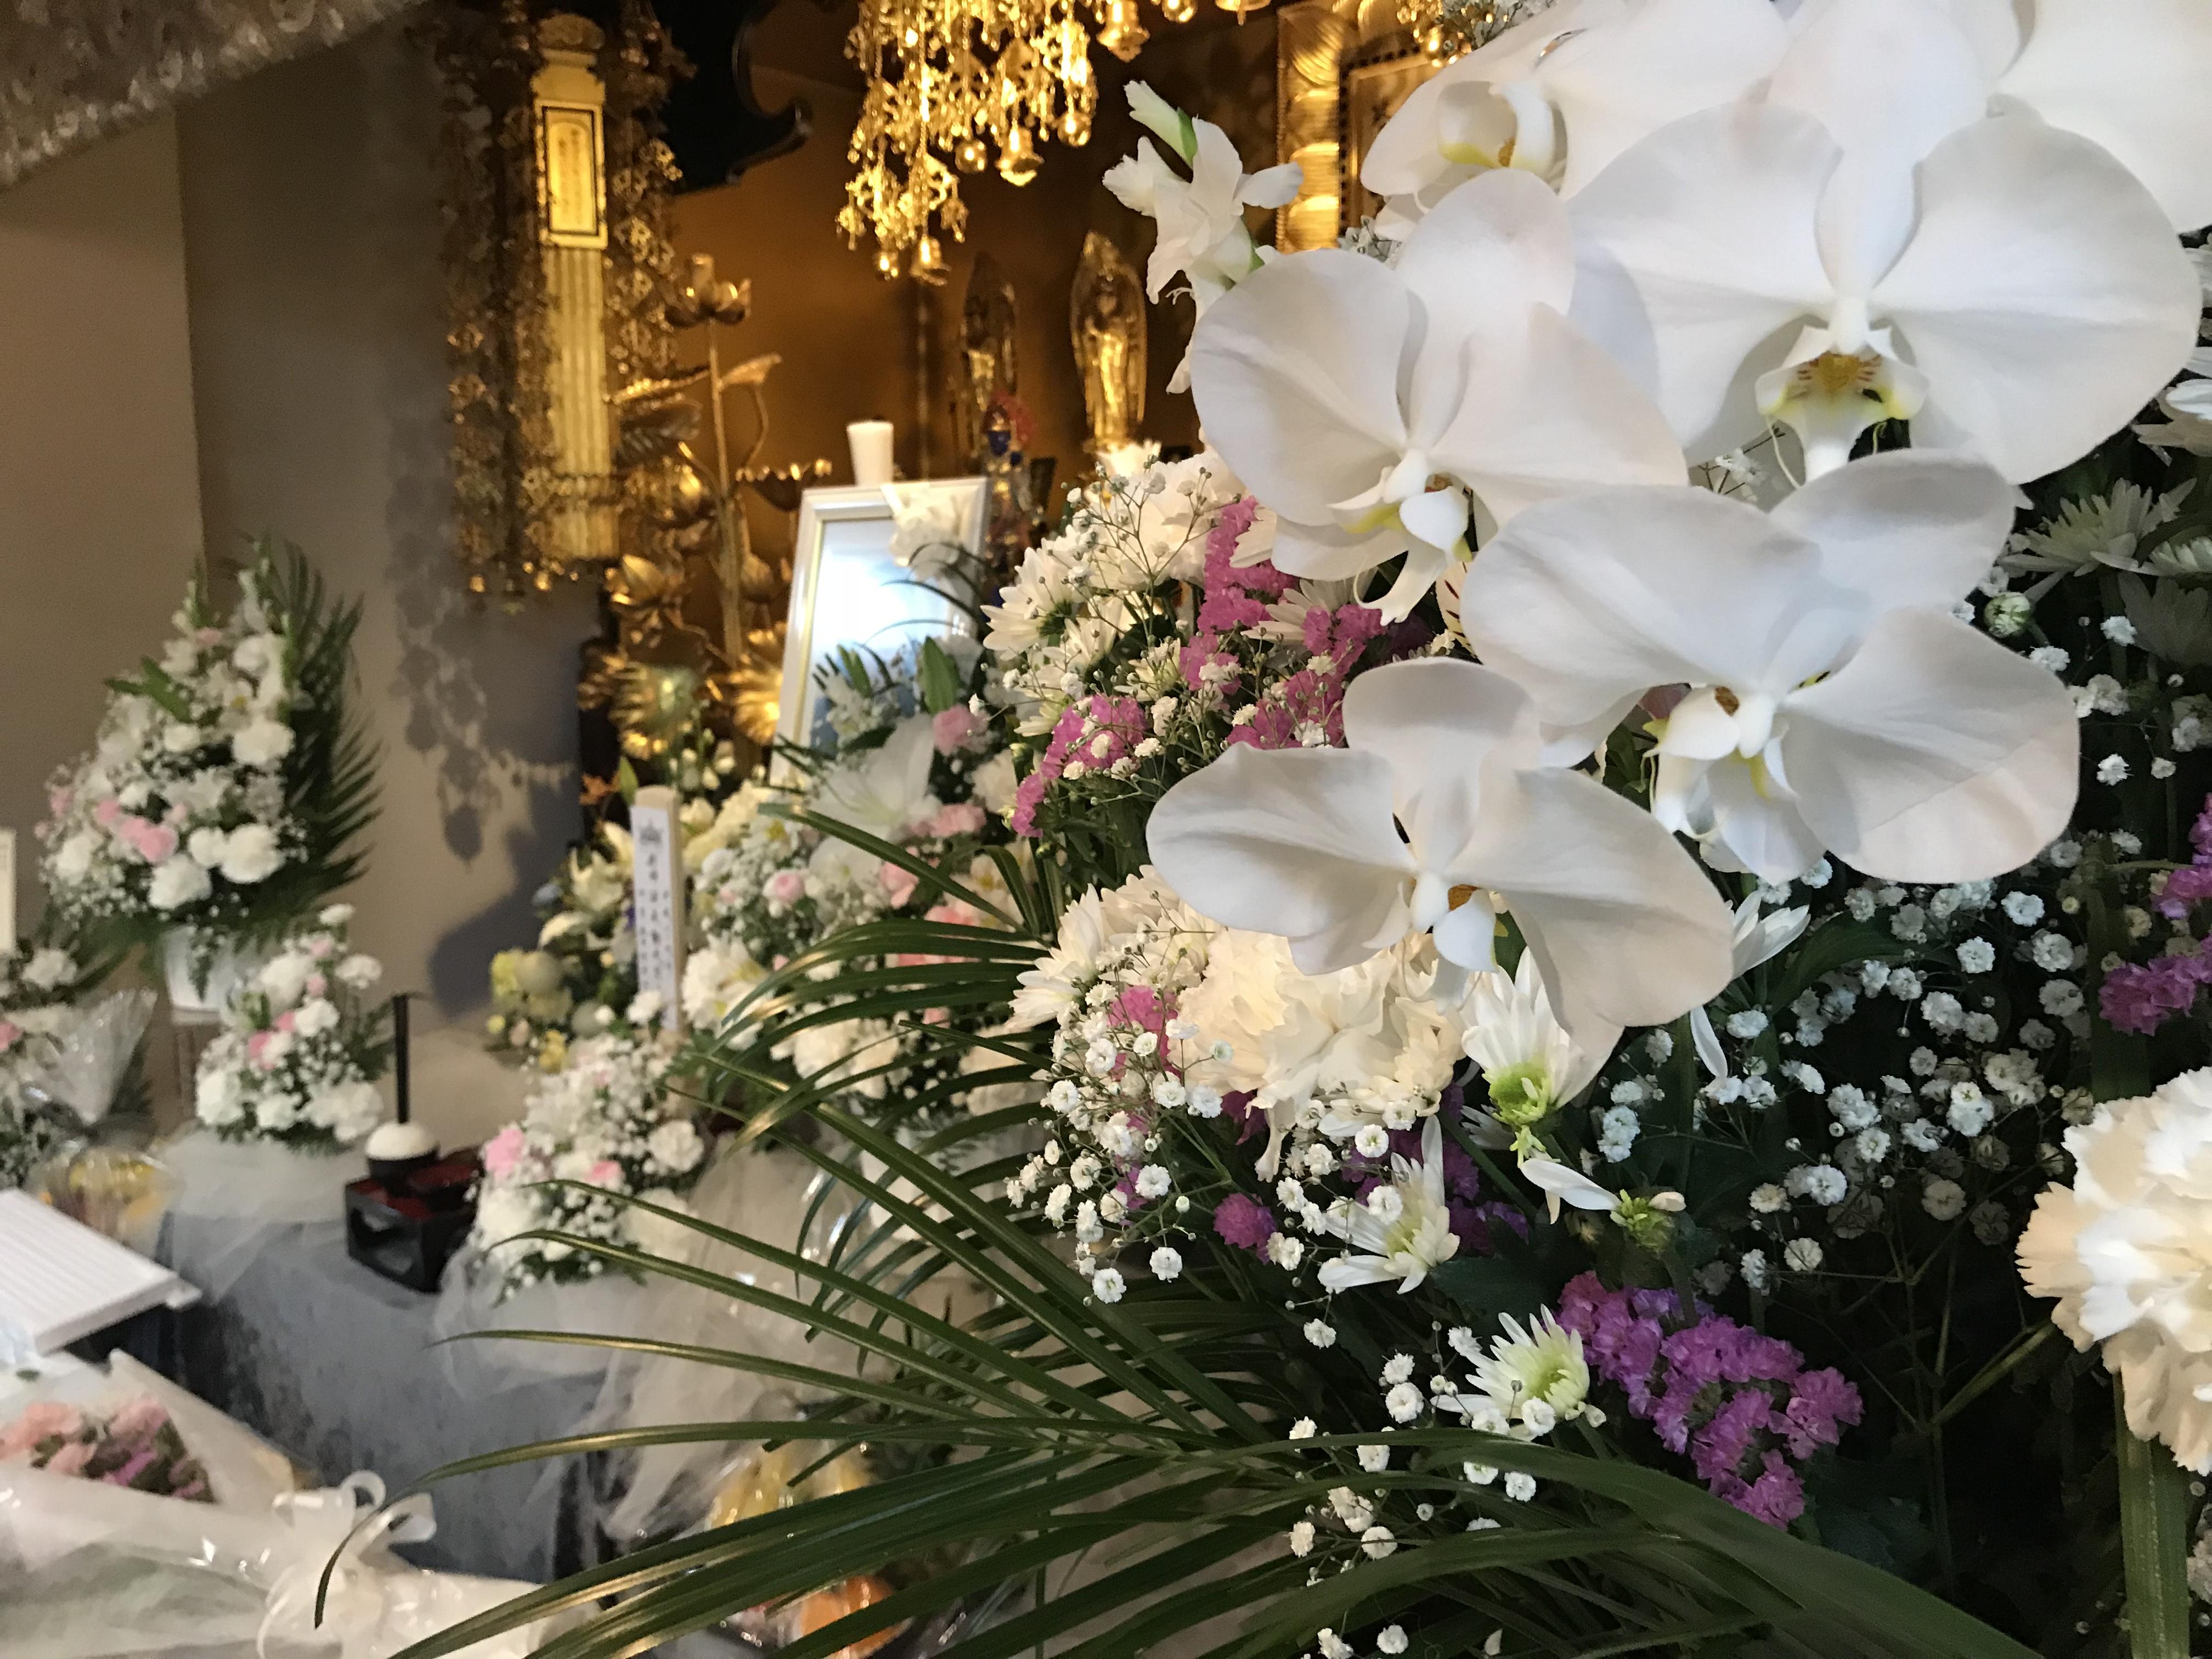 お寺で行う葬儀・葬式